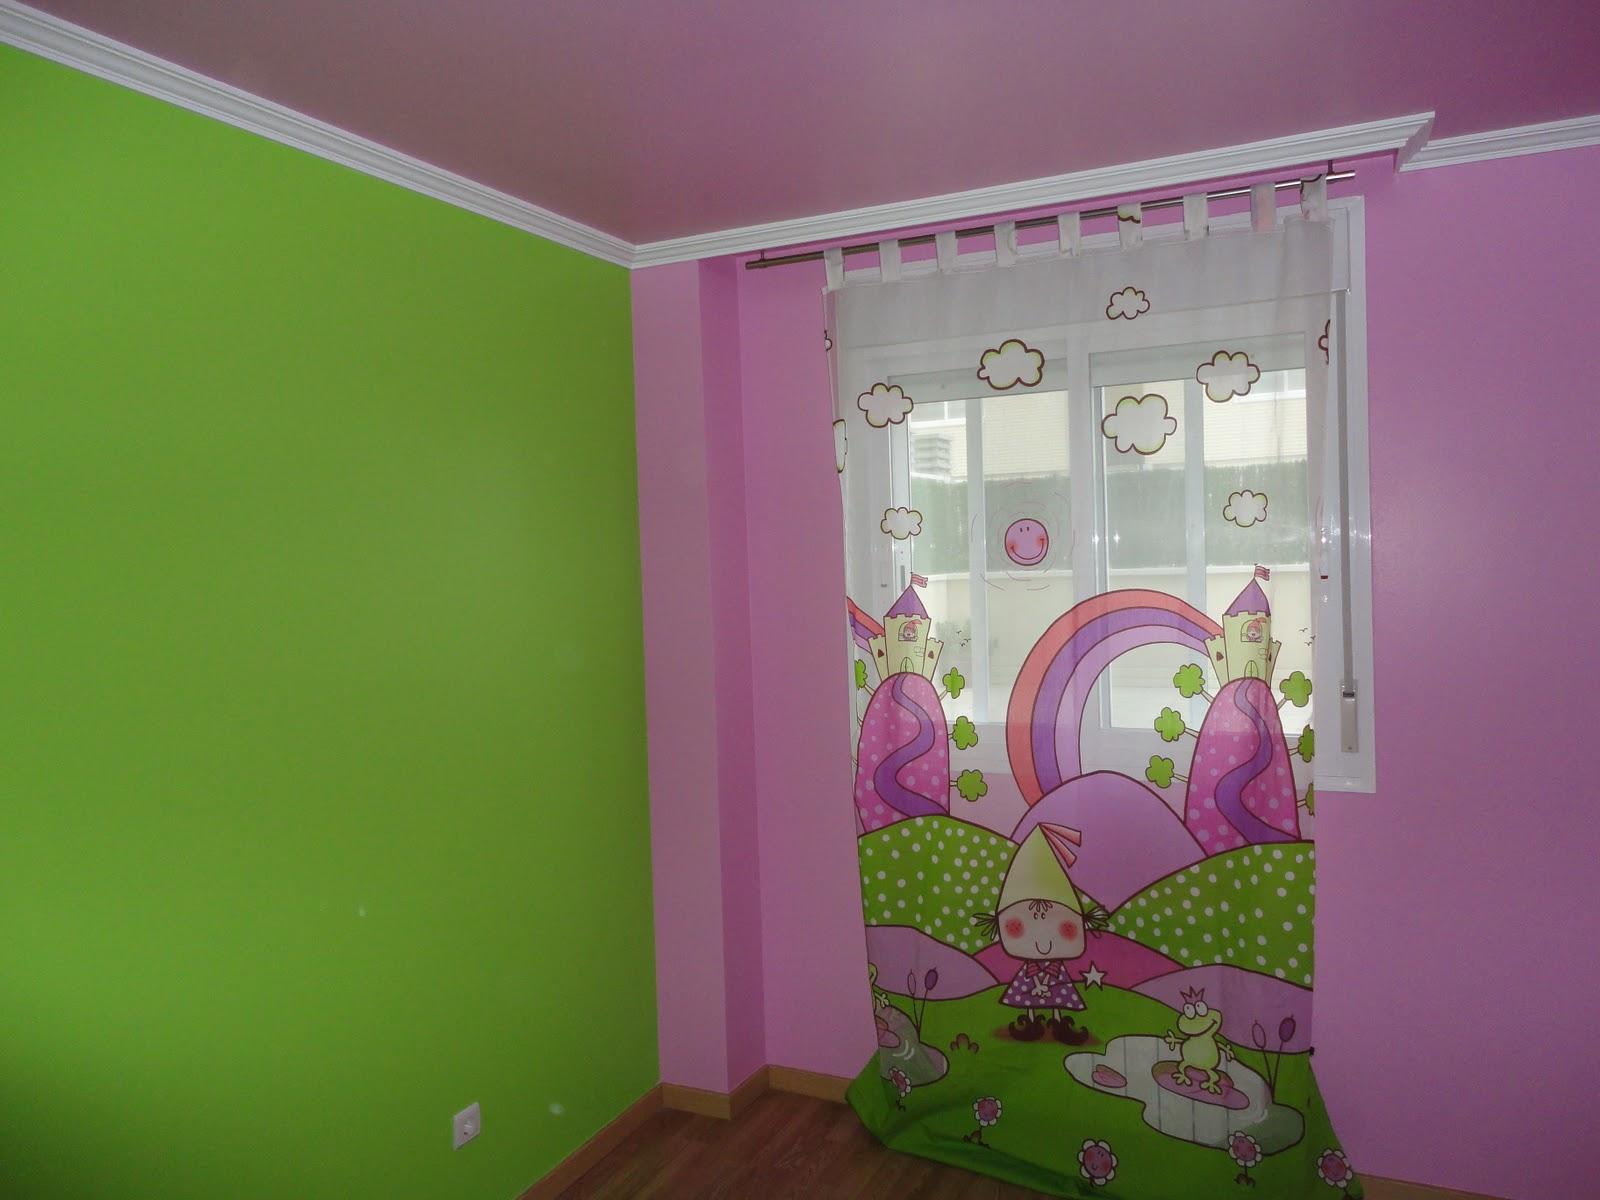 Pintura Habitacion Nios Great Habitacin Con Vinilos With Pintura  ~ Pintura Para Habitaciones Infantiles